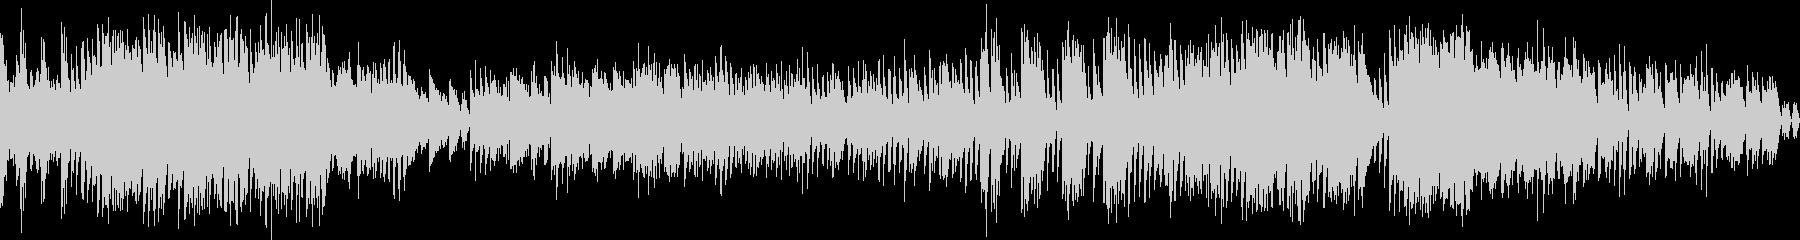 ループ用・和風・ピアノ・三味線・ノリノリの未再生の波形